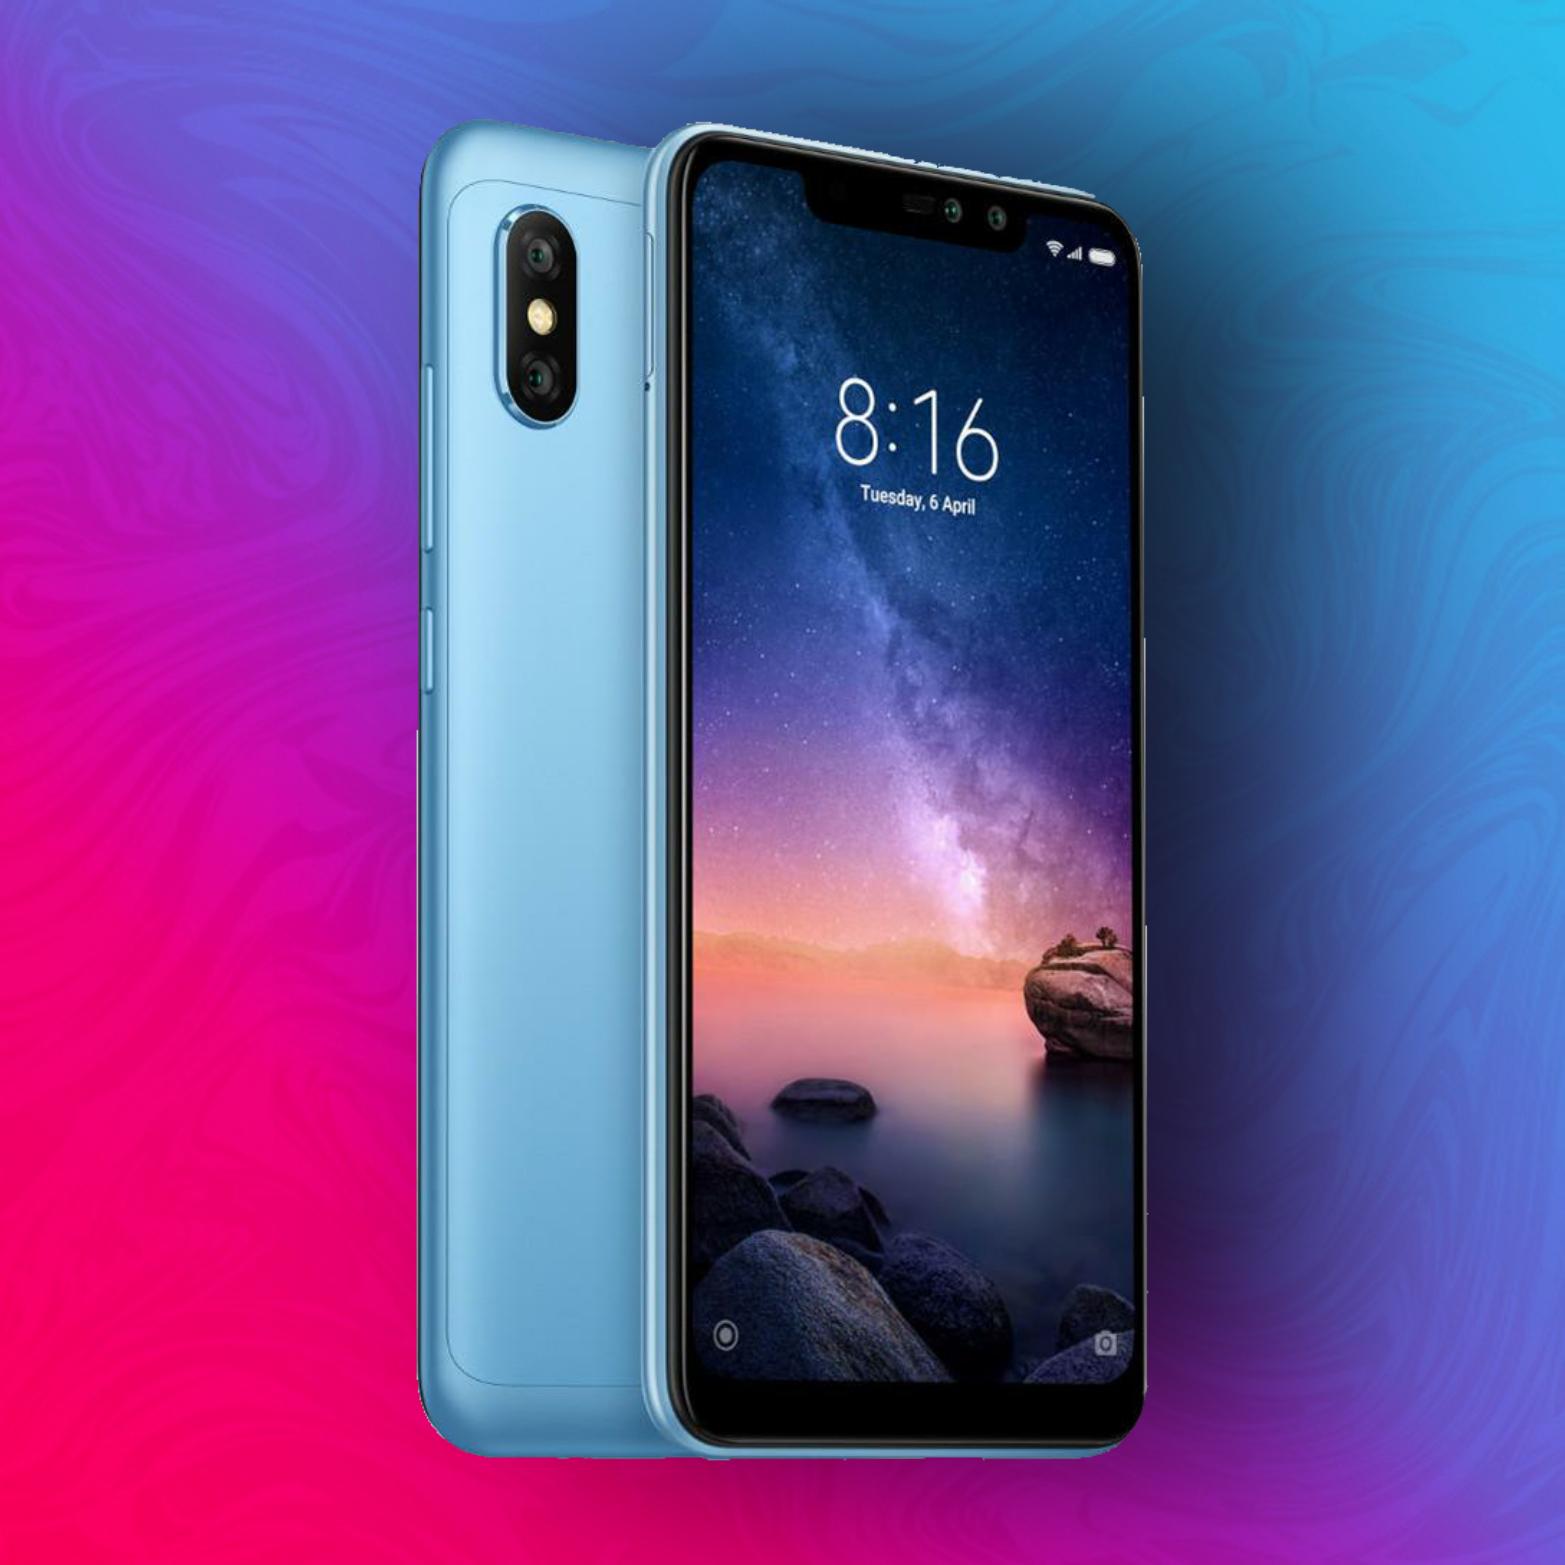 Xiaomi Redmi Note 6 Pro 32/3GB - Snapdragon 636 - 4000mAh Akku - MicroSD-Slot | Global Version